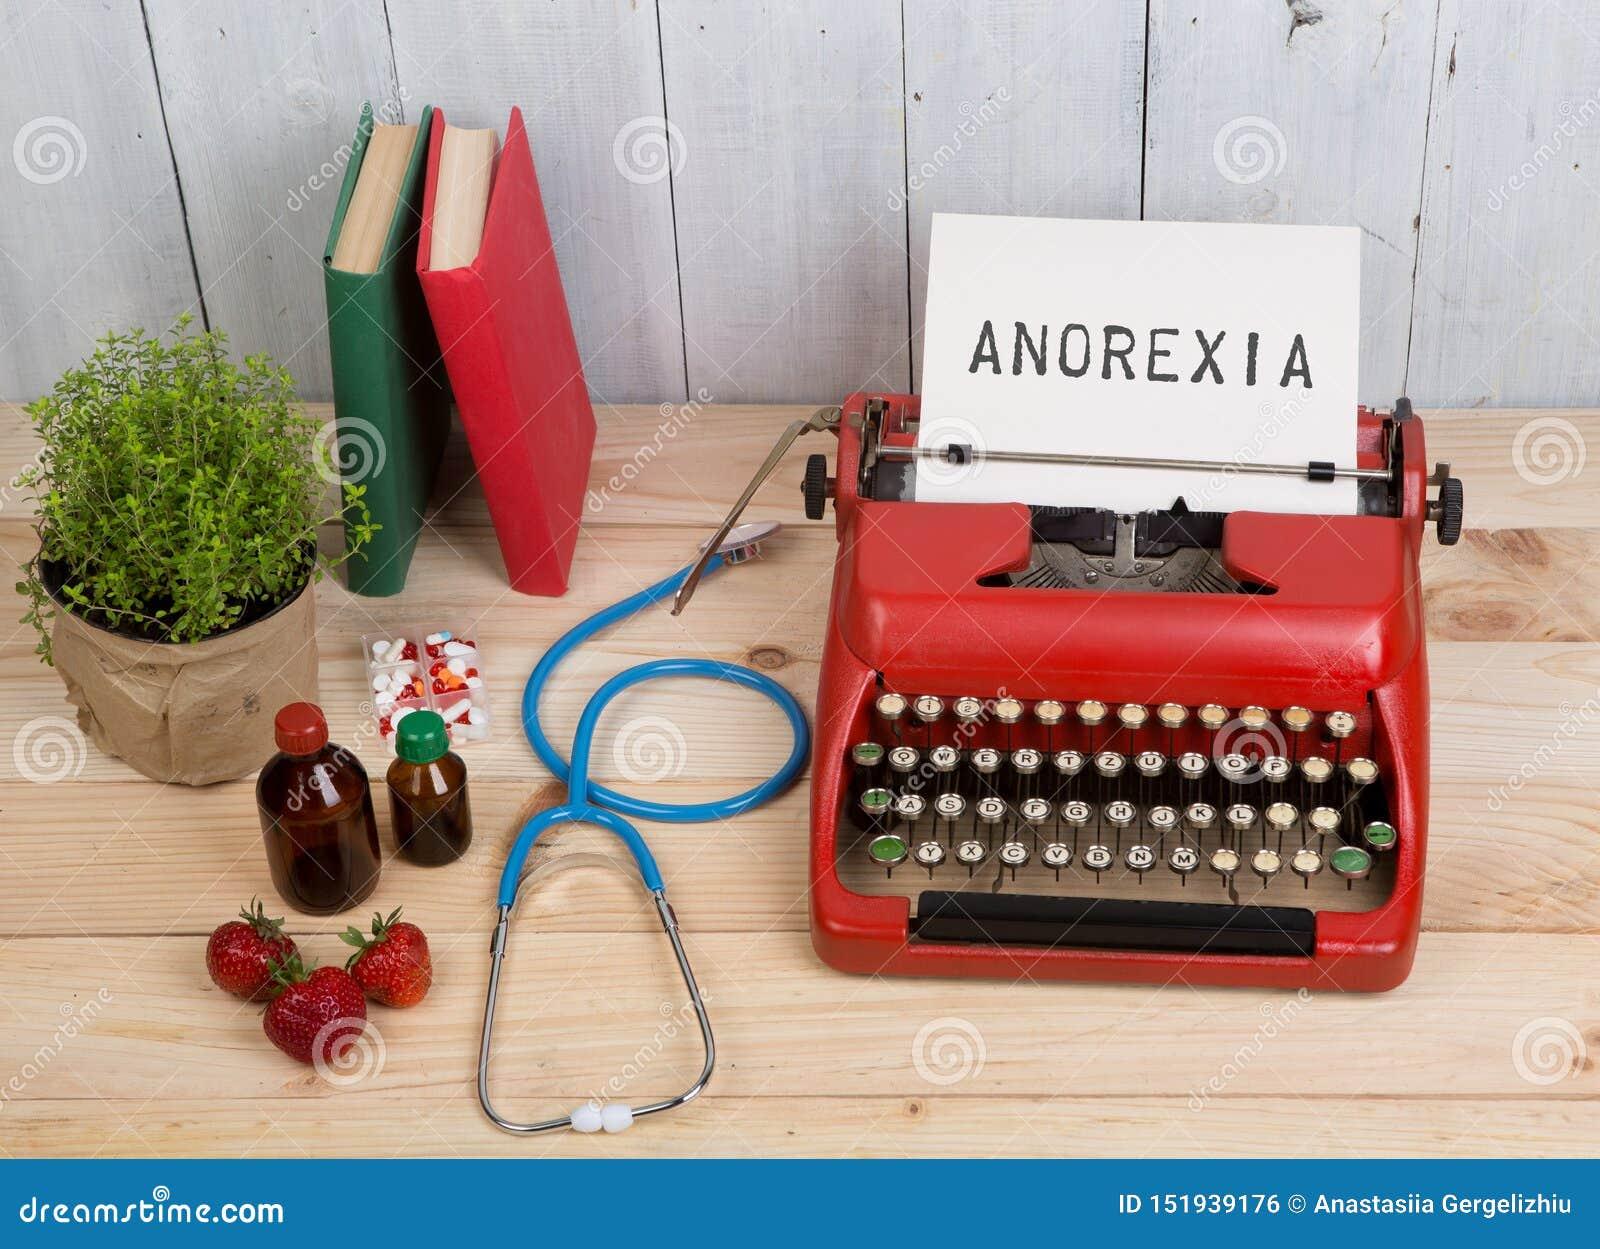 Concept de trouble de la nutrition - machine à écrire avec l anorexie des textes, stéthoscope bleu, pilules, machine à écrire rou